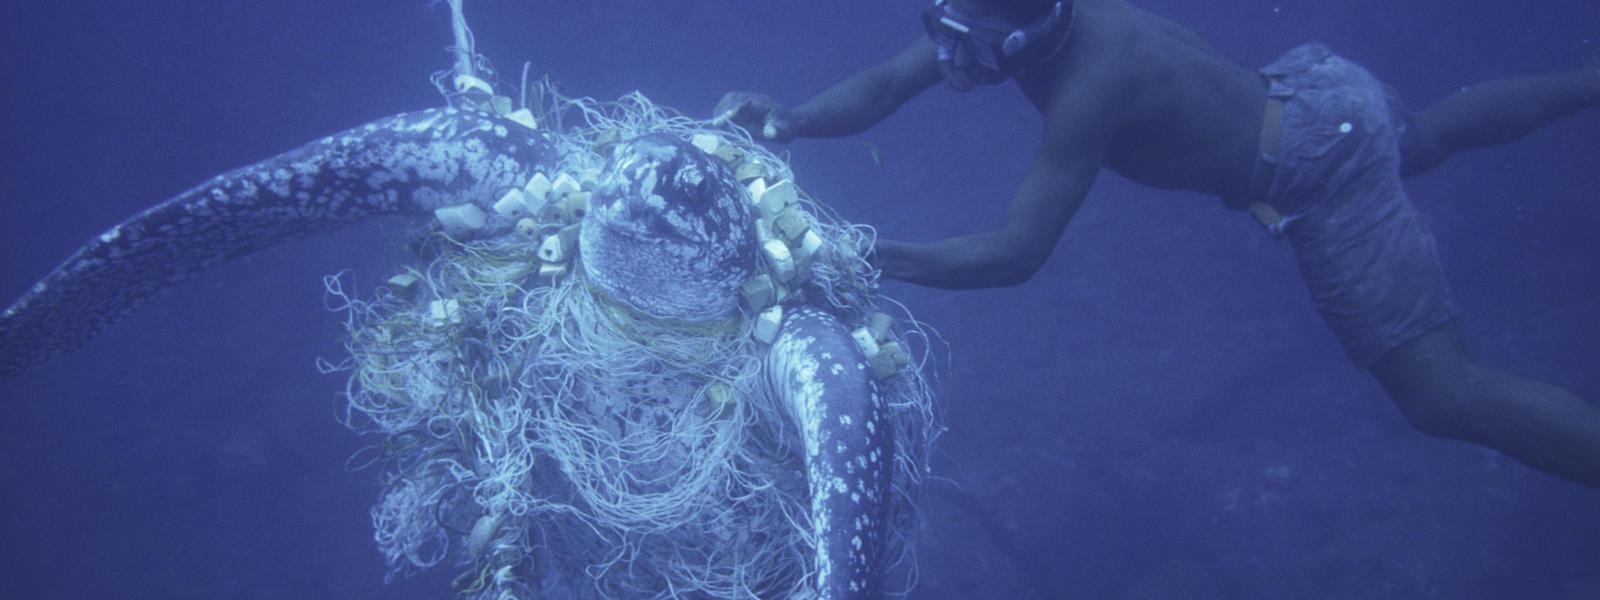 Resultado de imagem para bycatch turtle